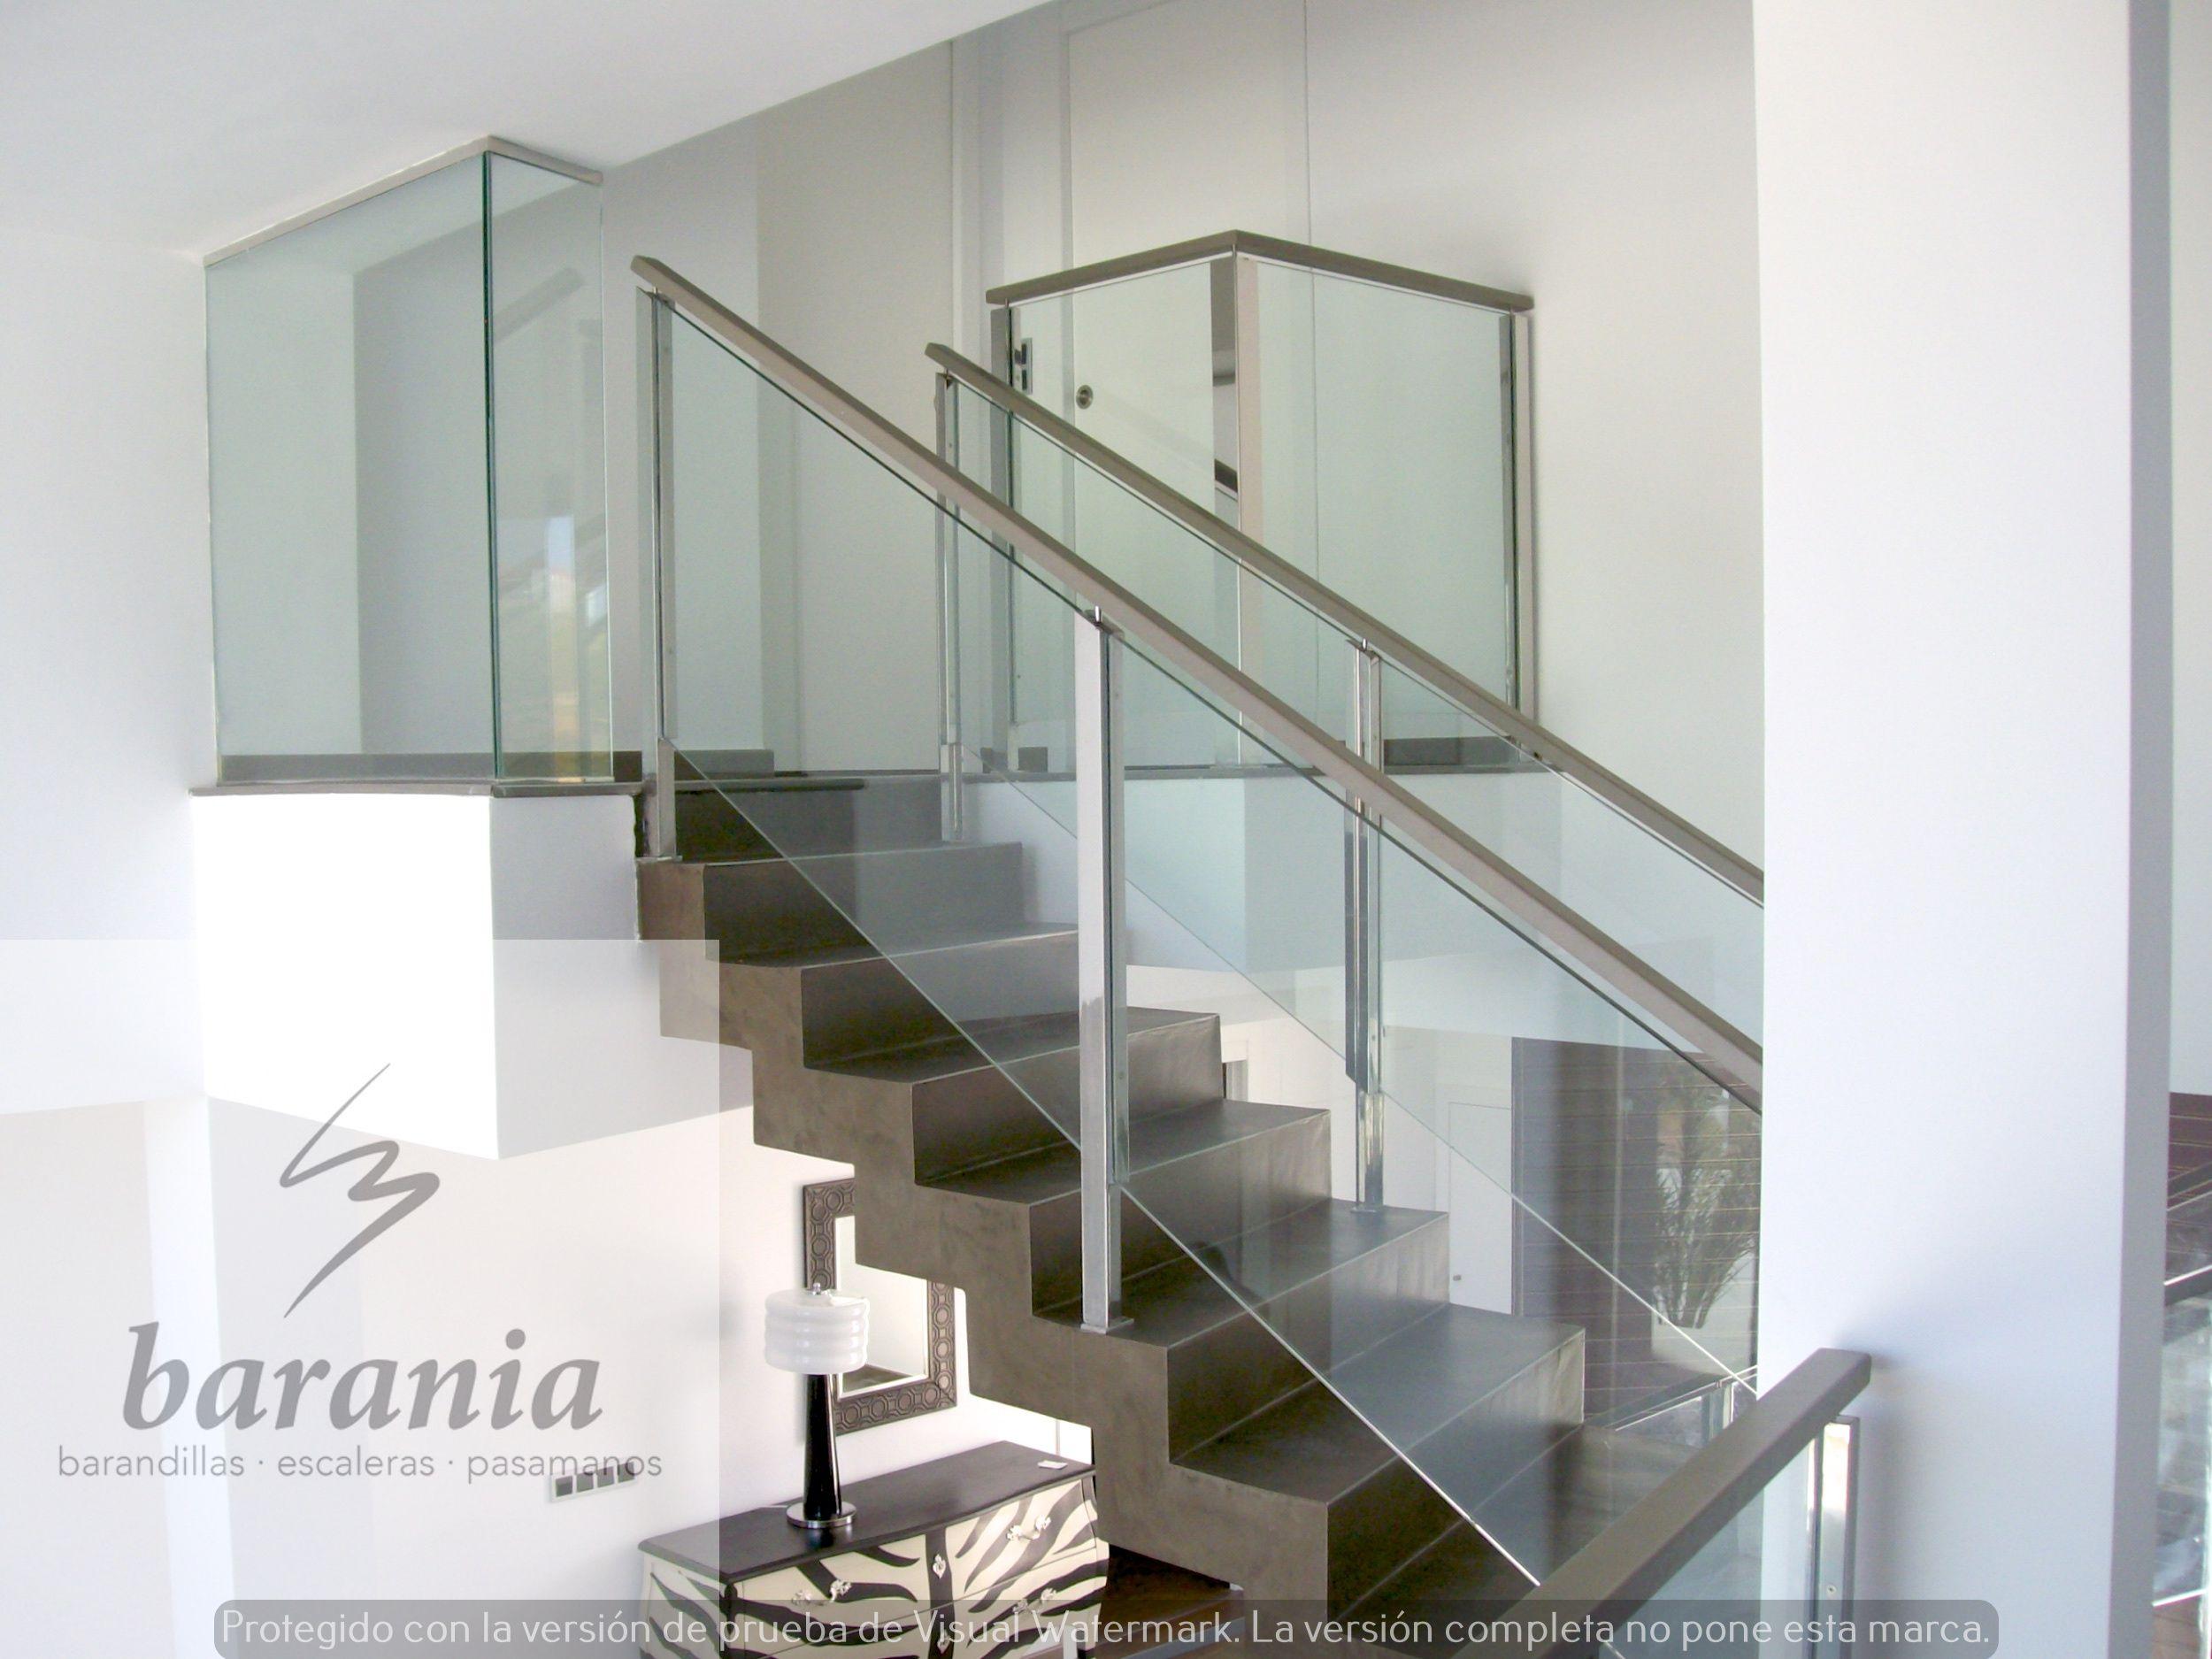 Barandillas De Escaleras Interiores. Consltanos Sin Compromiso Y ...